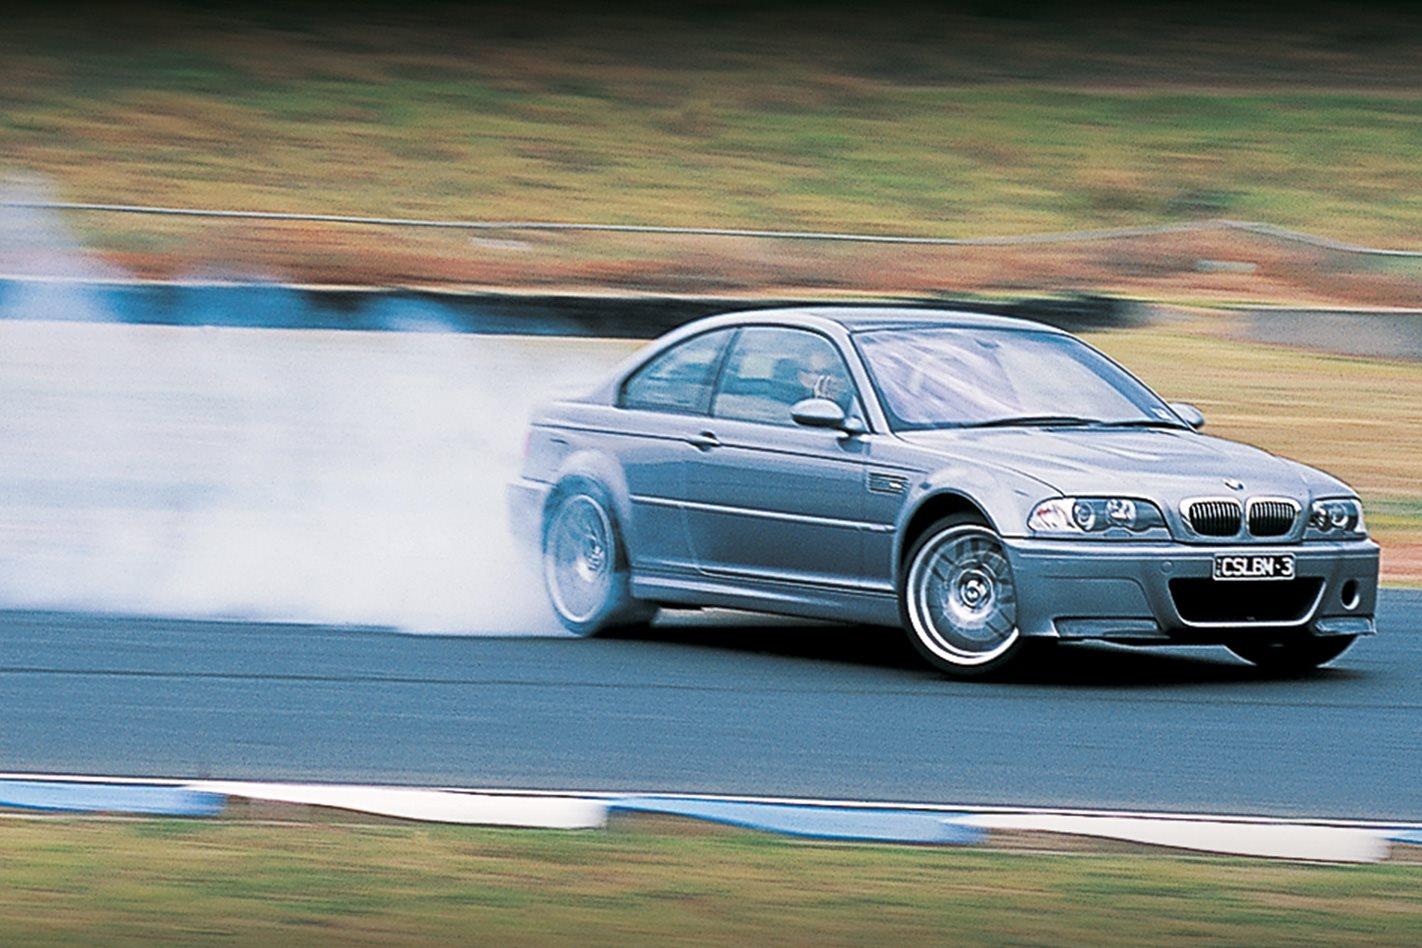 BMW M3 CSL v Porsche GT3 RS v Mitsubishi Evo VIII v Lotus